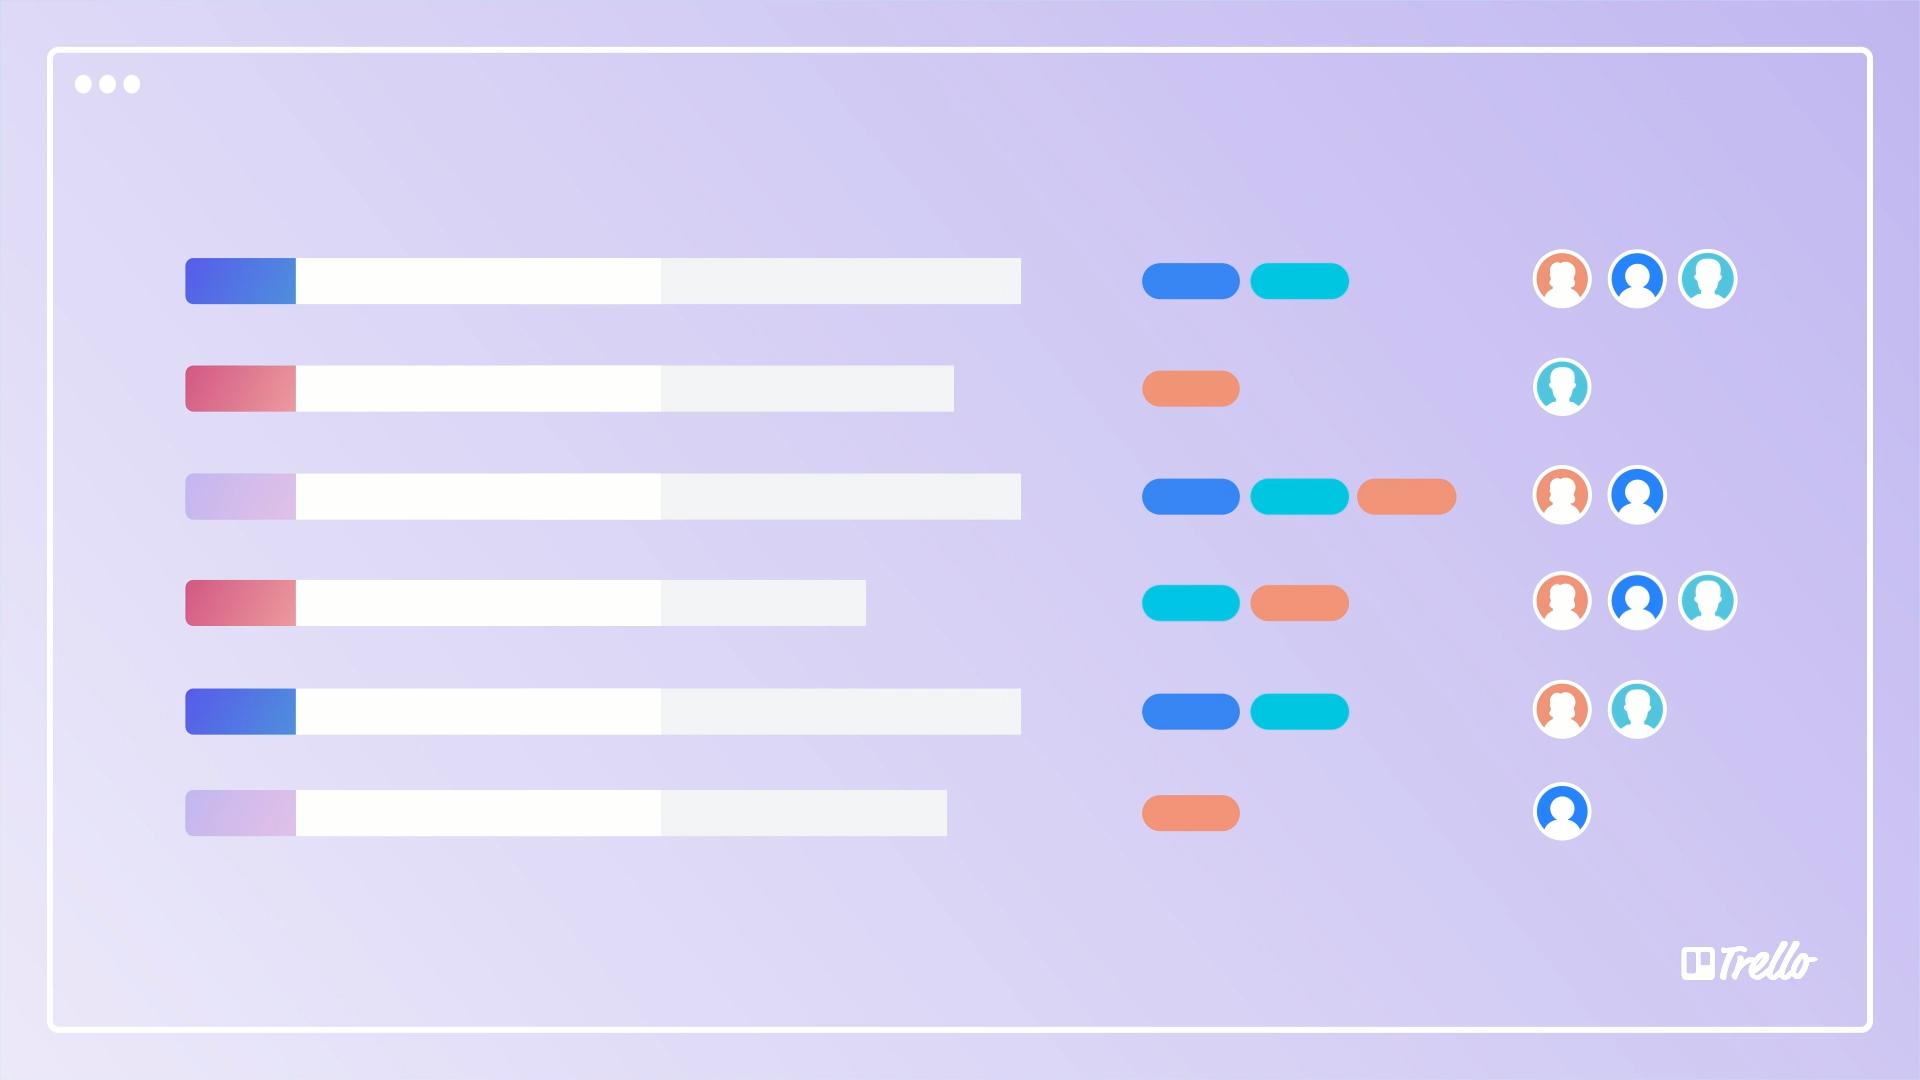 quadros de equipe para uma visualização em formato tabela